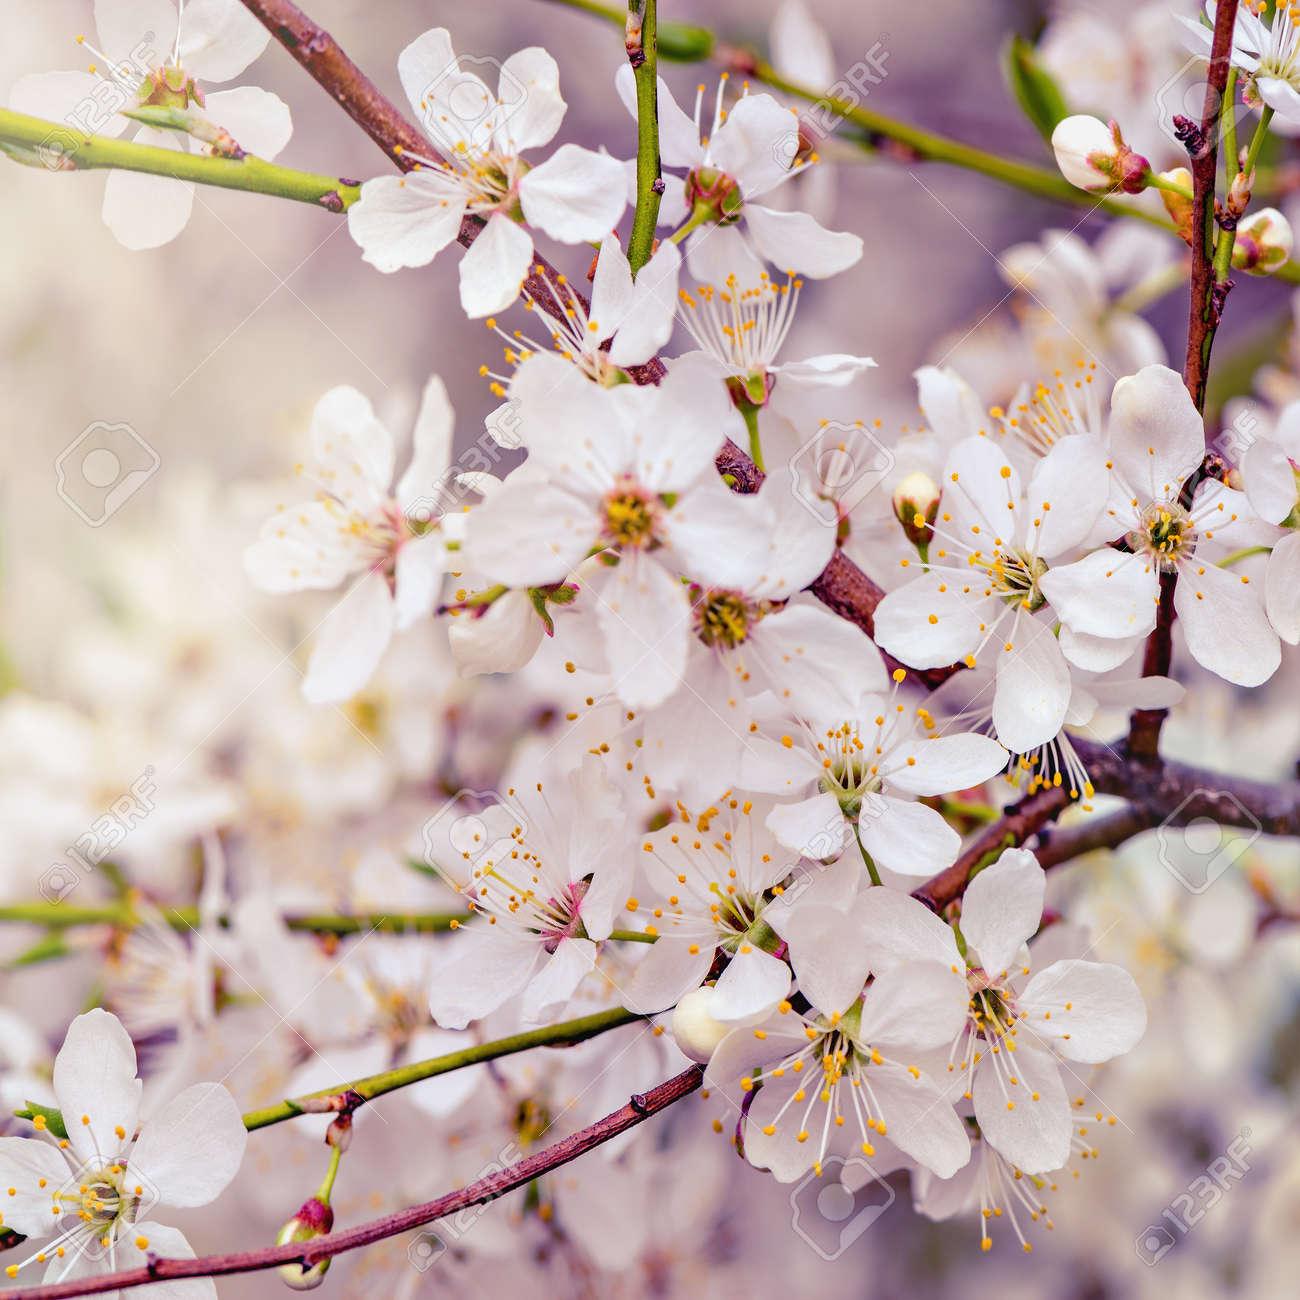 Branche De Cerisier floraison branche de cerisier avec des fleurs blanches sur fond